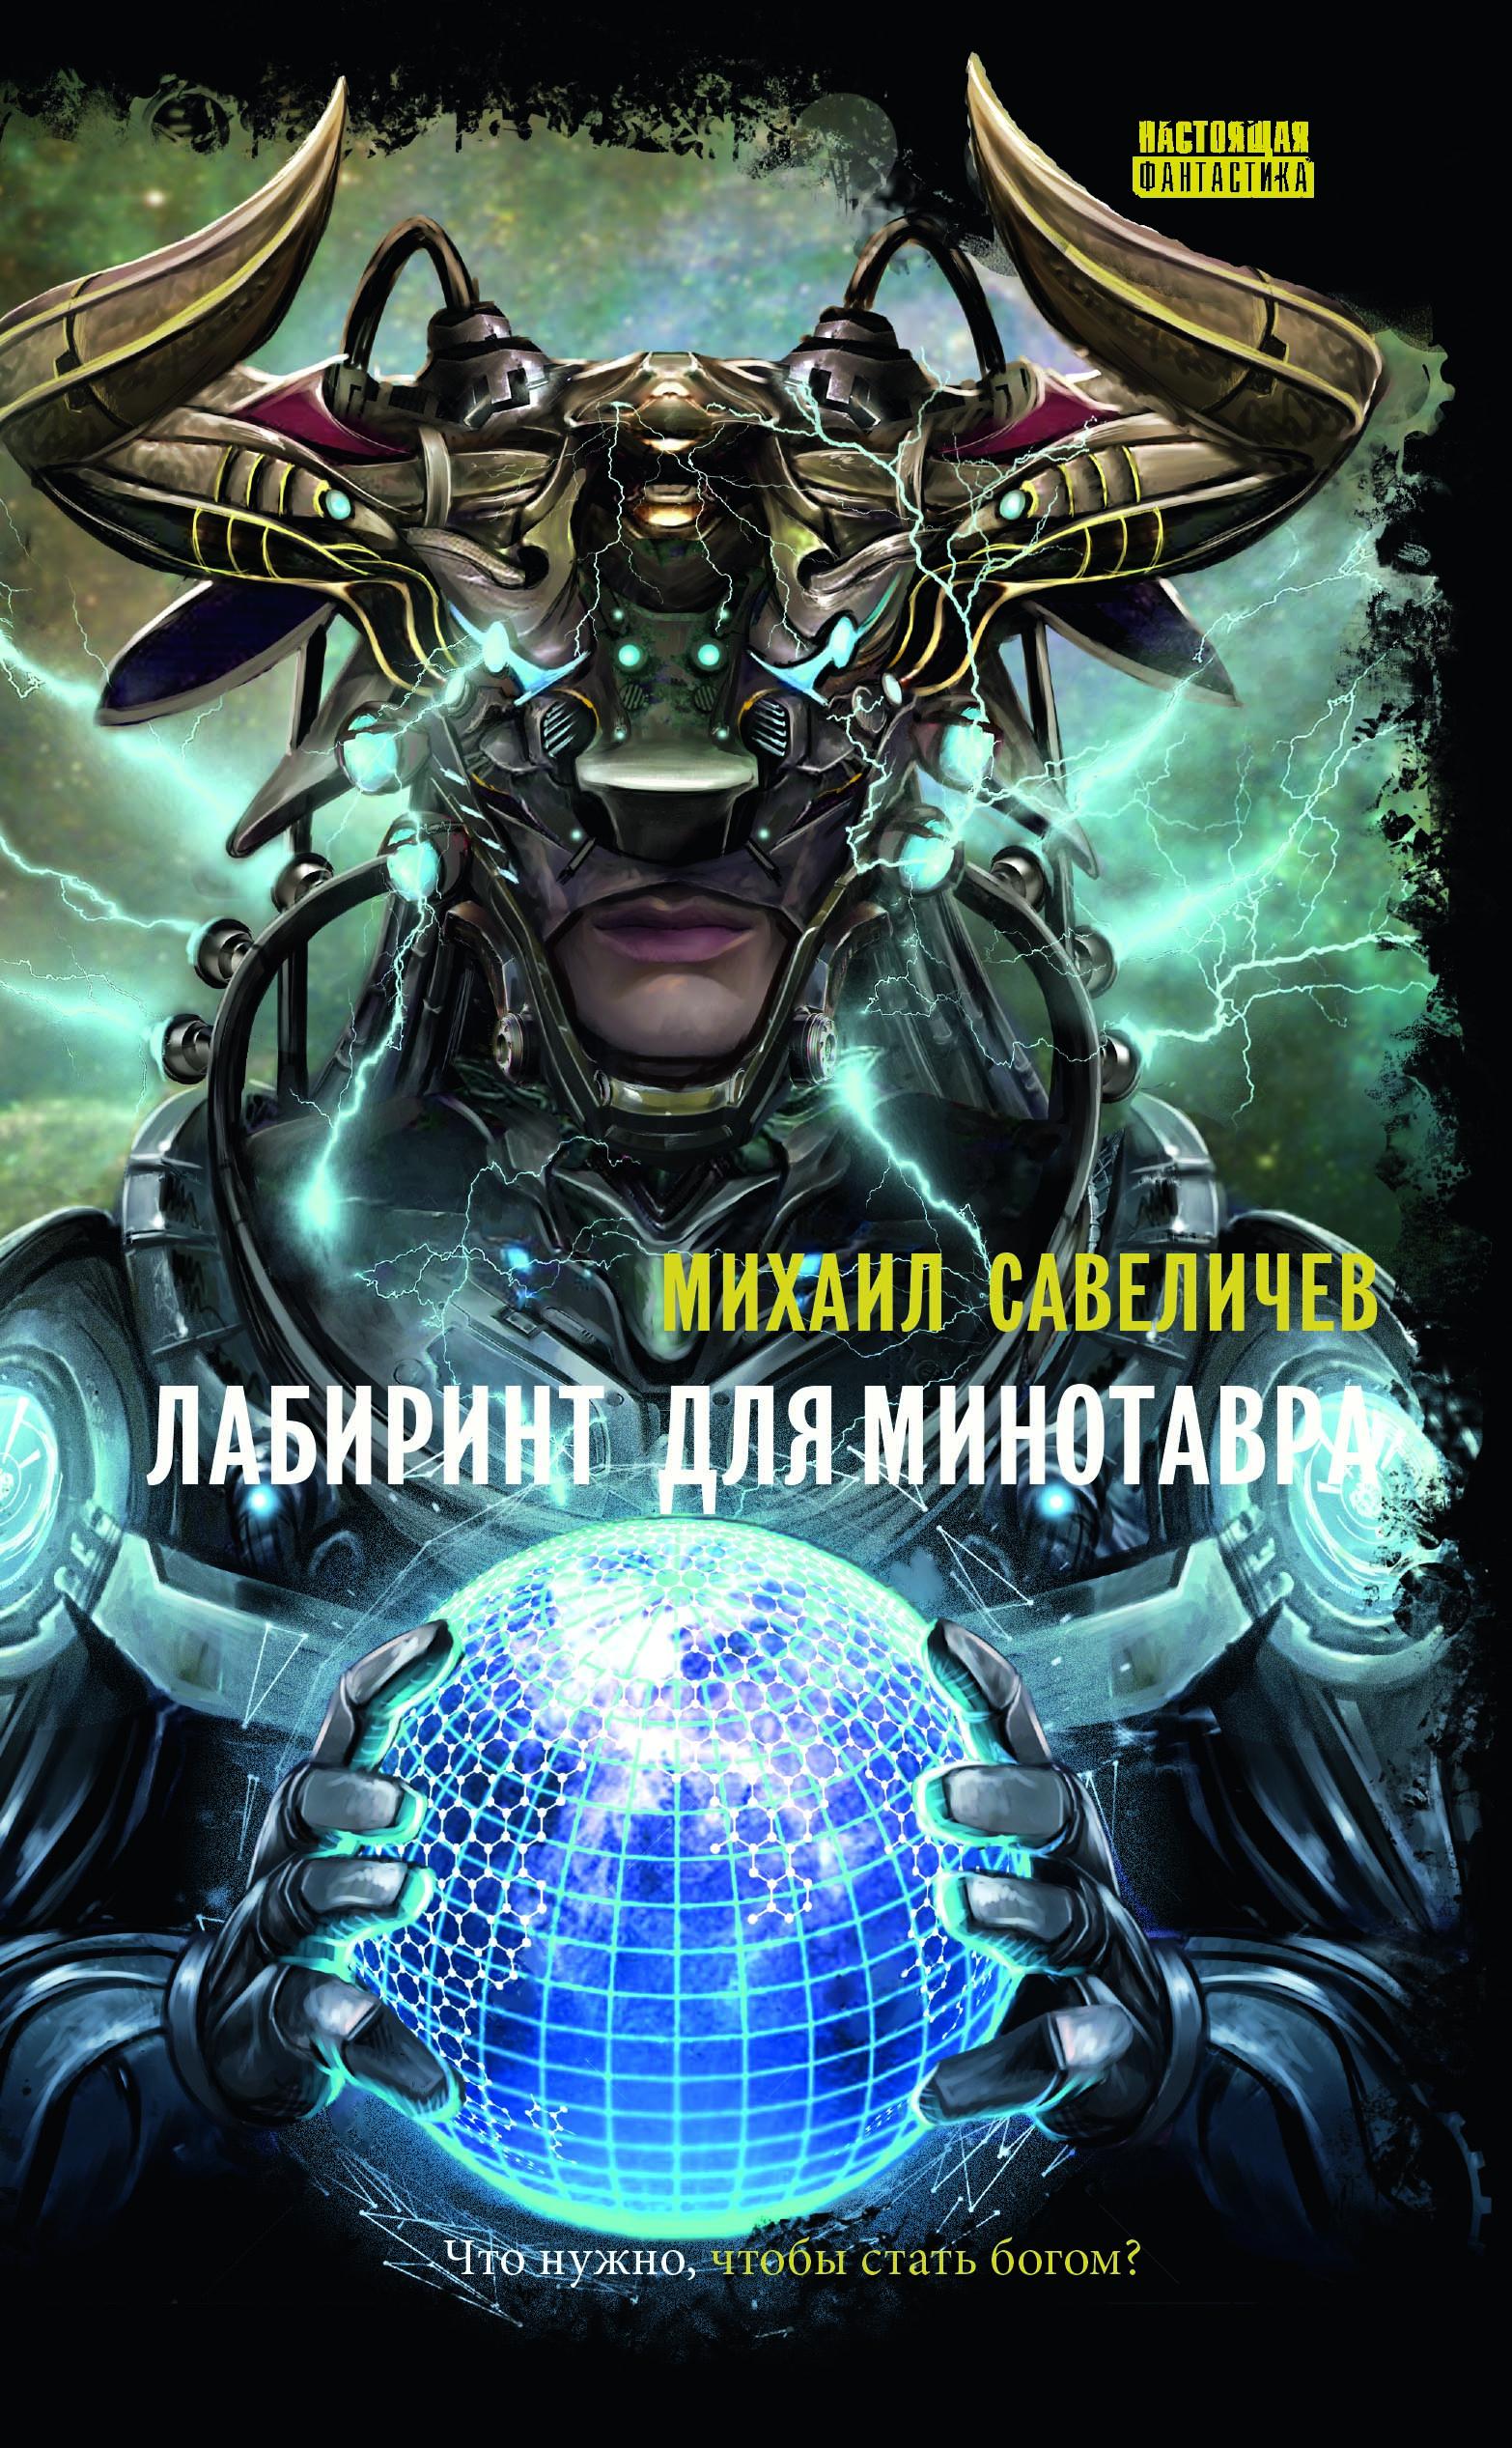 Читаем книгу «Лабиринт дляМинотавра» Михаила Савеличева